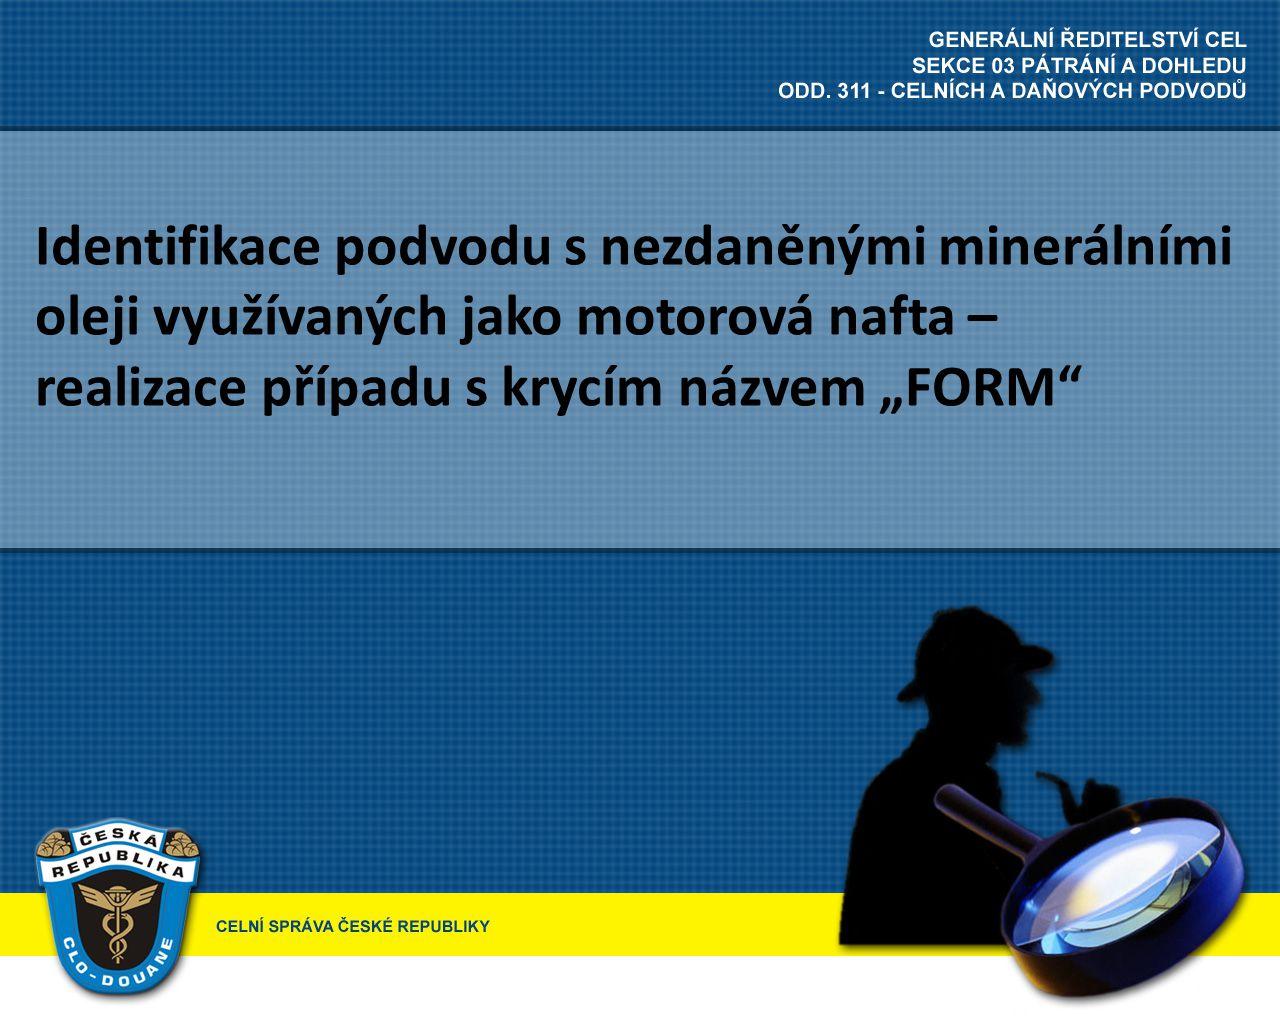 """Identifikace podvodu s nezdaněnými minerálními oleji využívaných jako motorová nafta – realizace případu s krycím názvem """"FORM"""